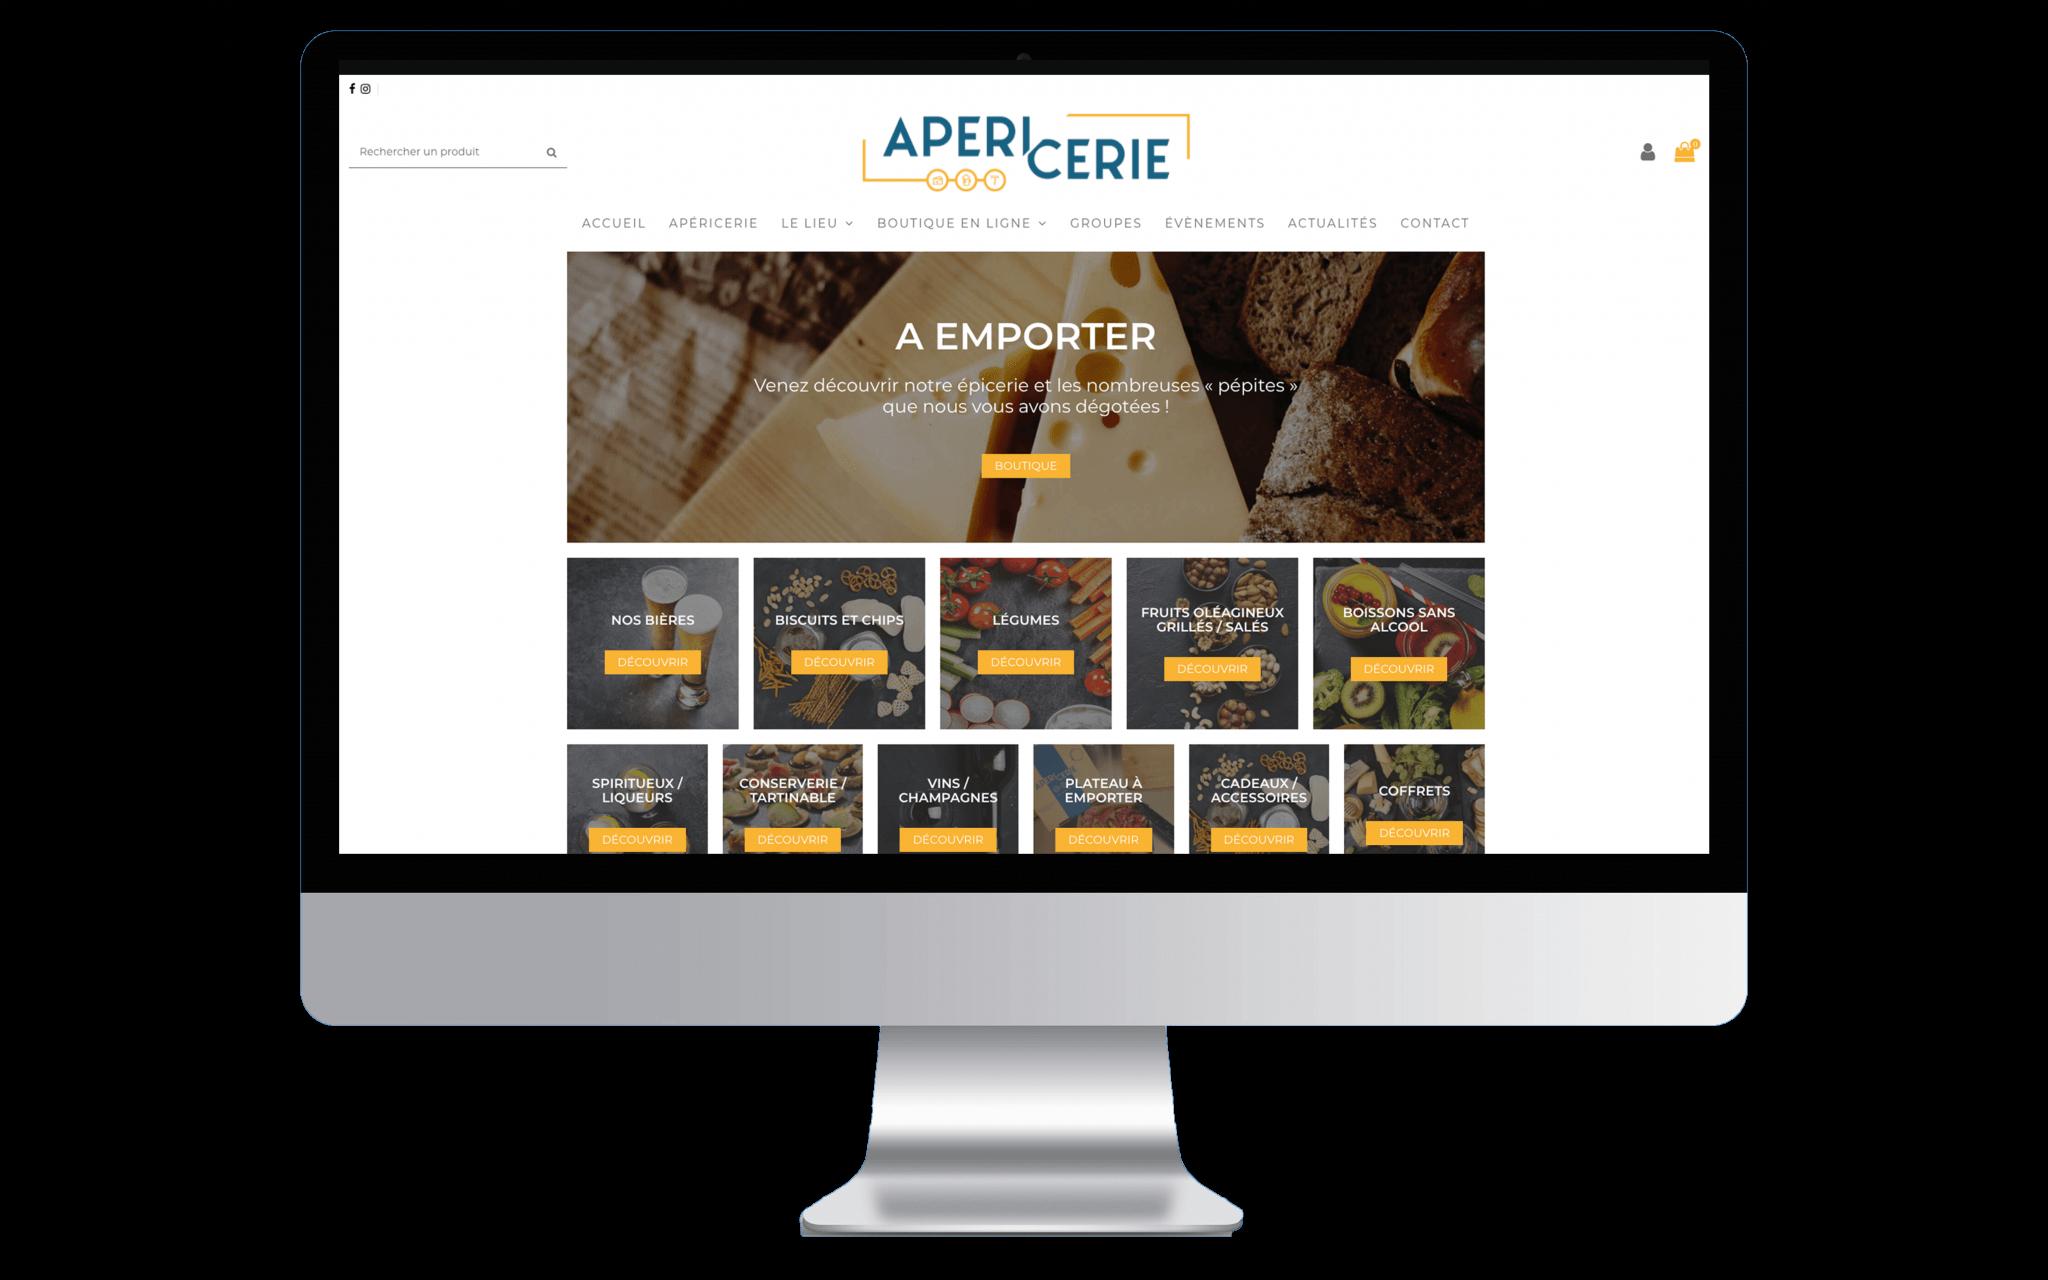 Mockup d'un ordinateur affichant la page d'accueil de L'Apéricerie en entière.